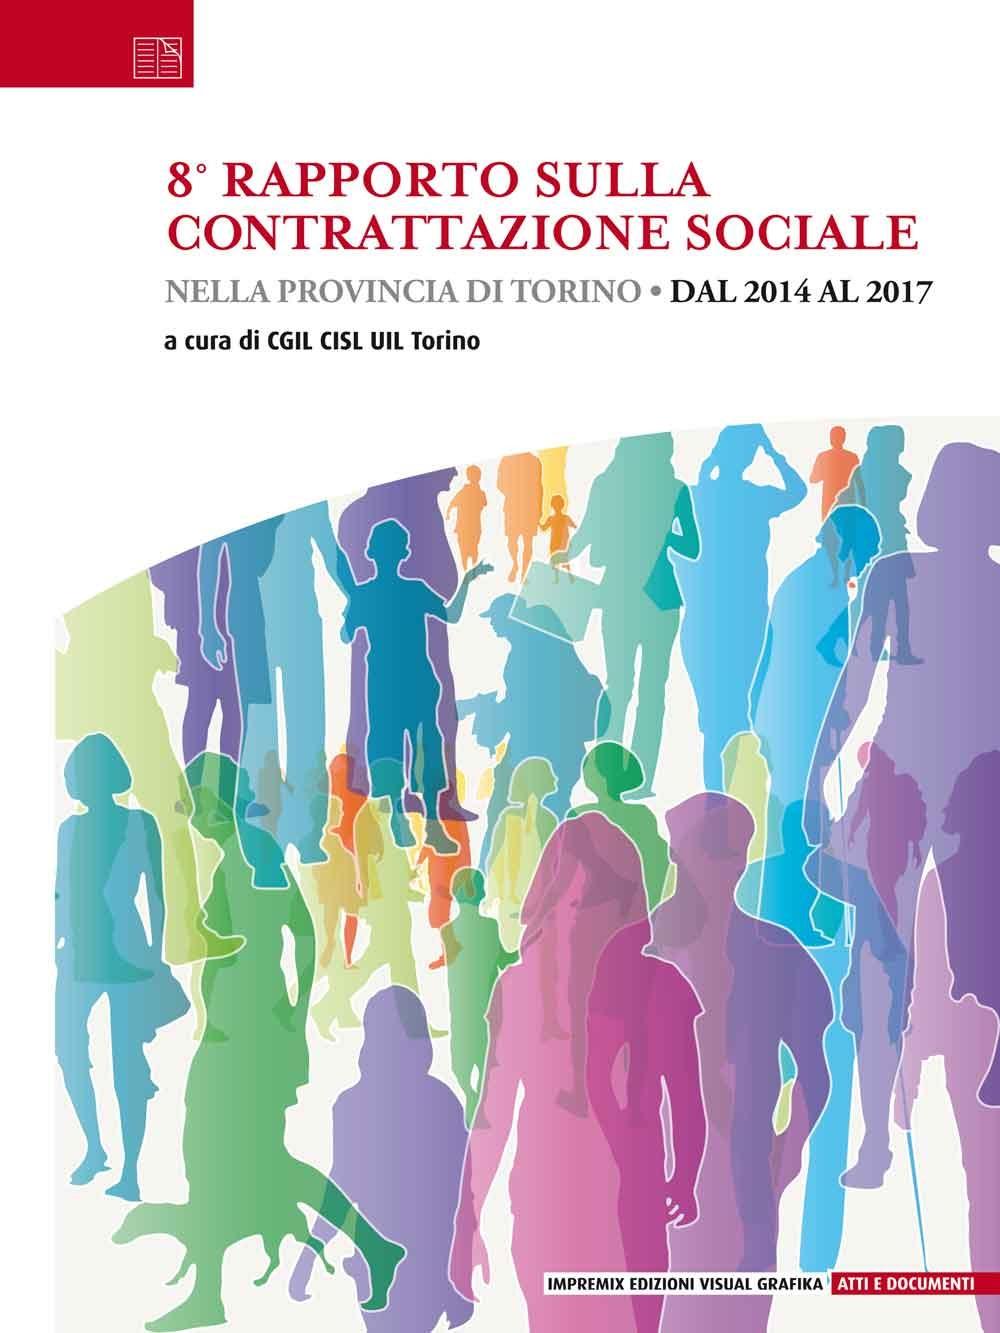 8° rapporto sulla contrattazione sociale nella provincia di Torino. Dal 2014 al 2017